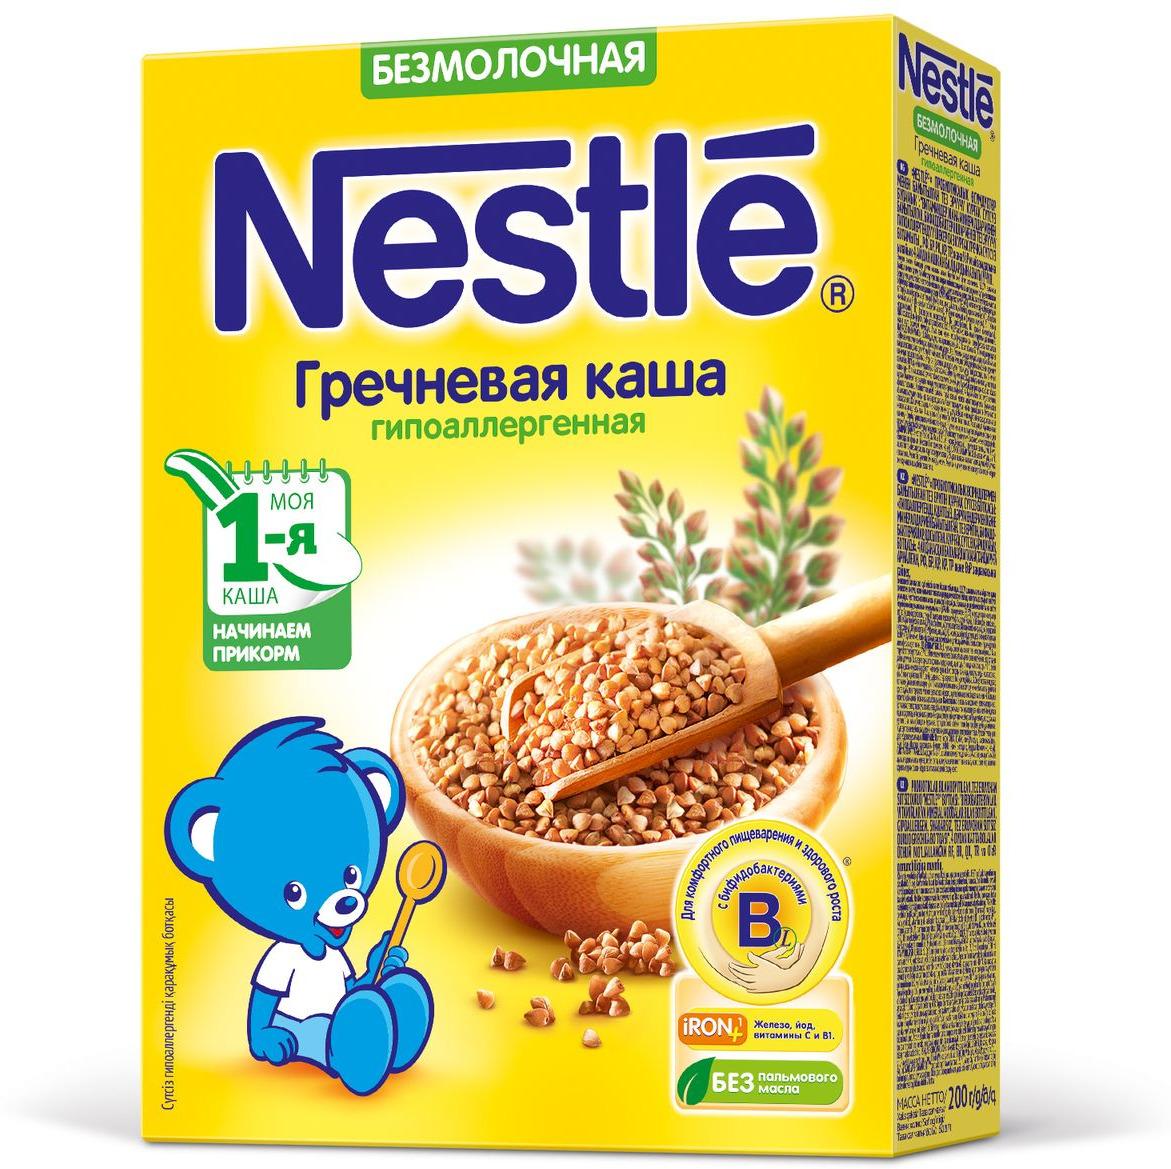 Nestle каша безмолочная гречневая гипоаллергенная, 200 г